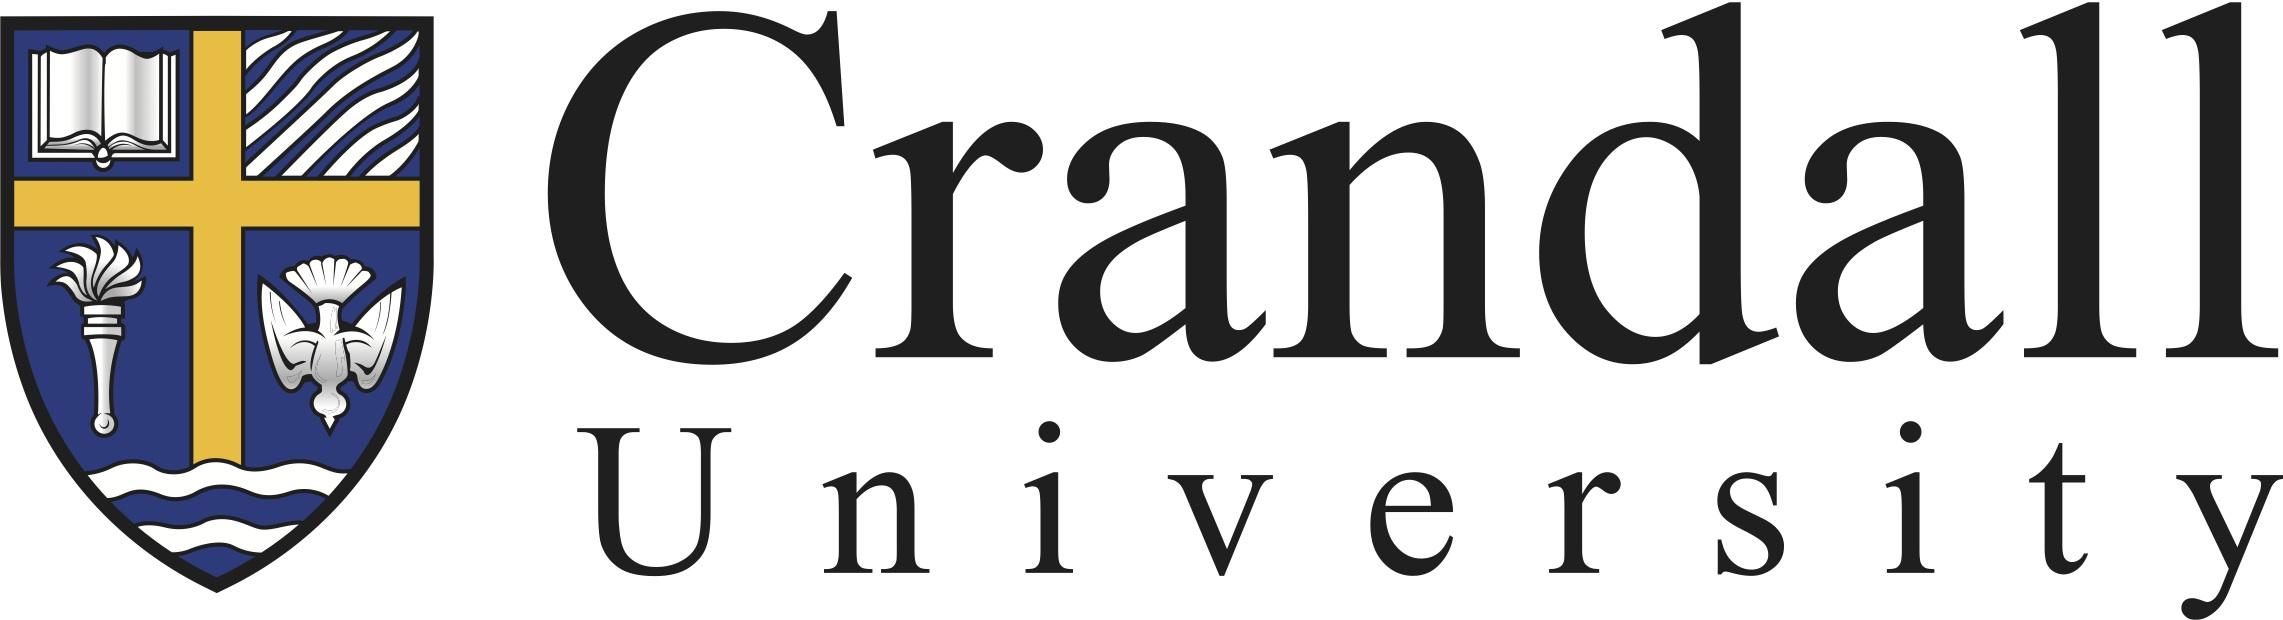 crandall-logo.jpg